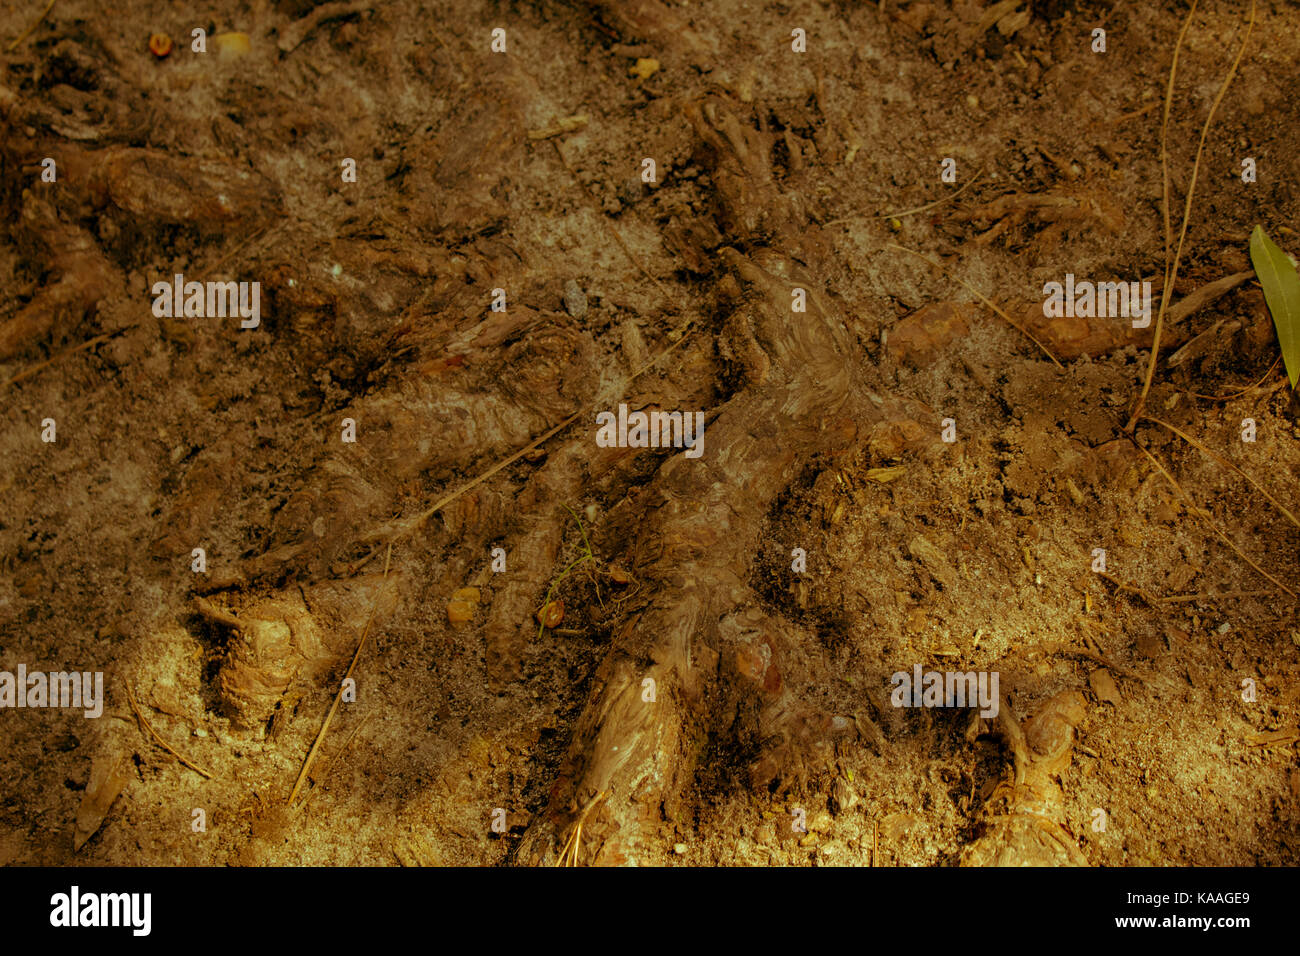 Tree's root - Stock Image